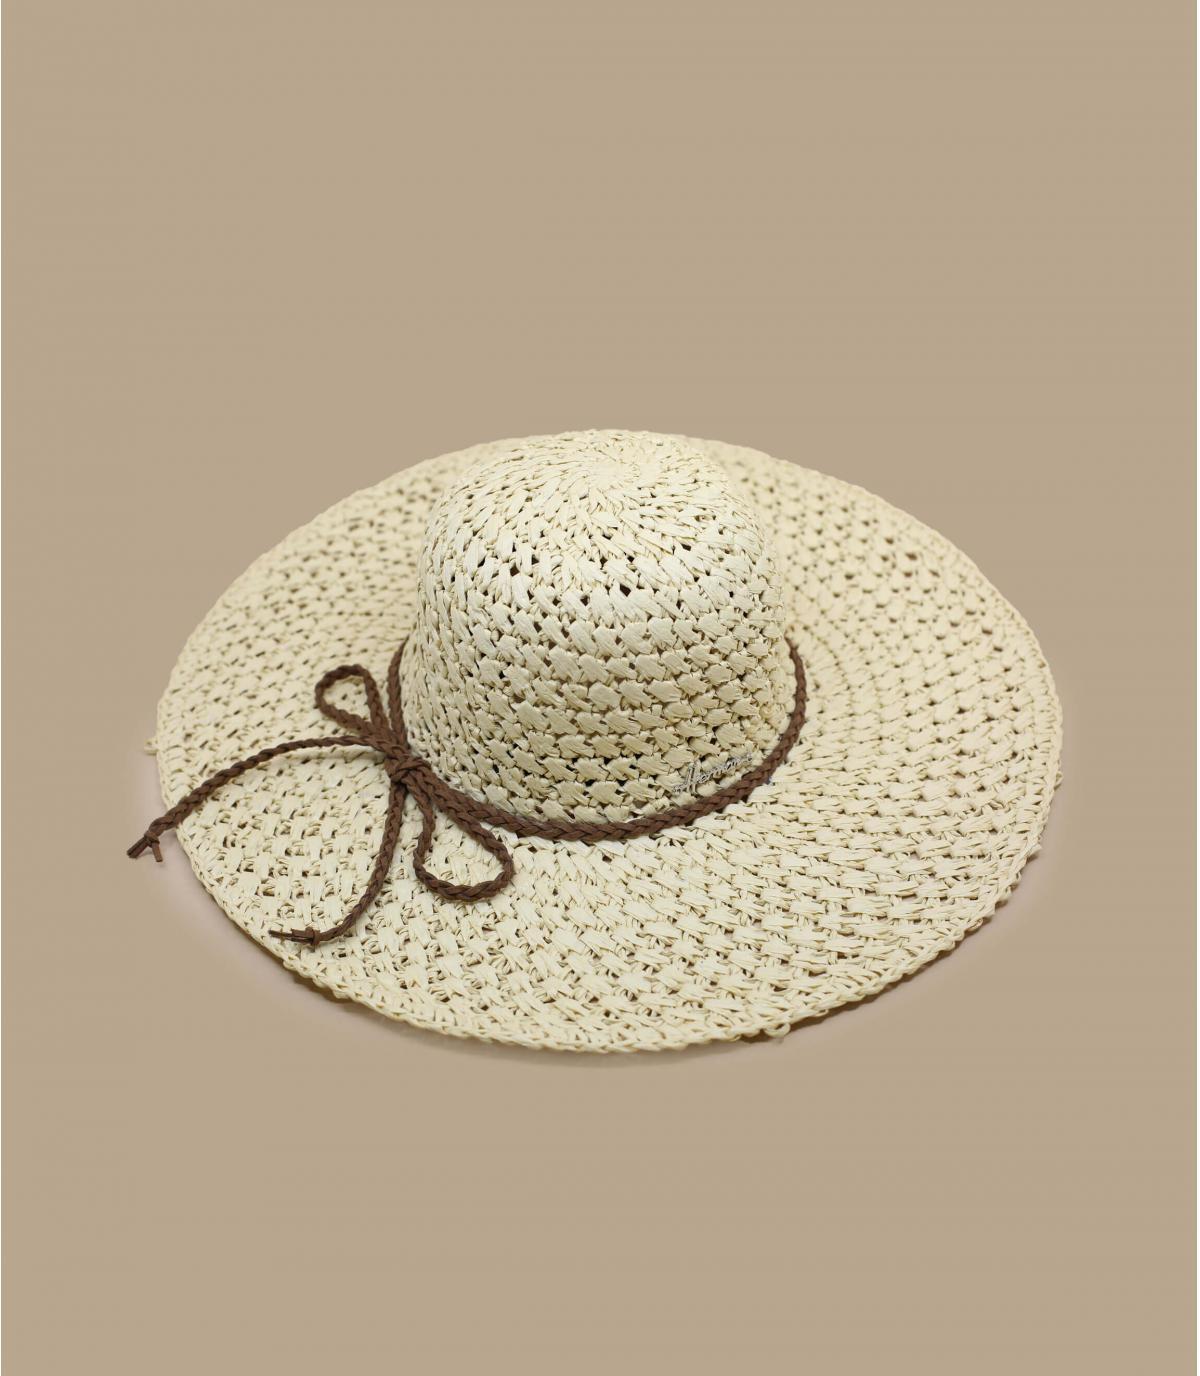 gehaakte strooien floppy hoed